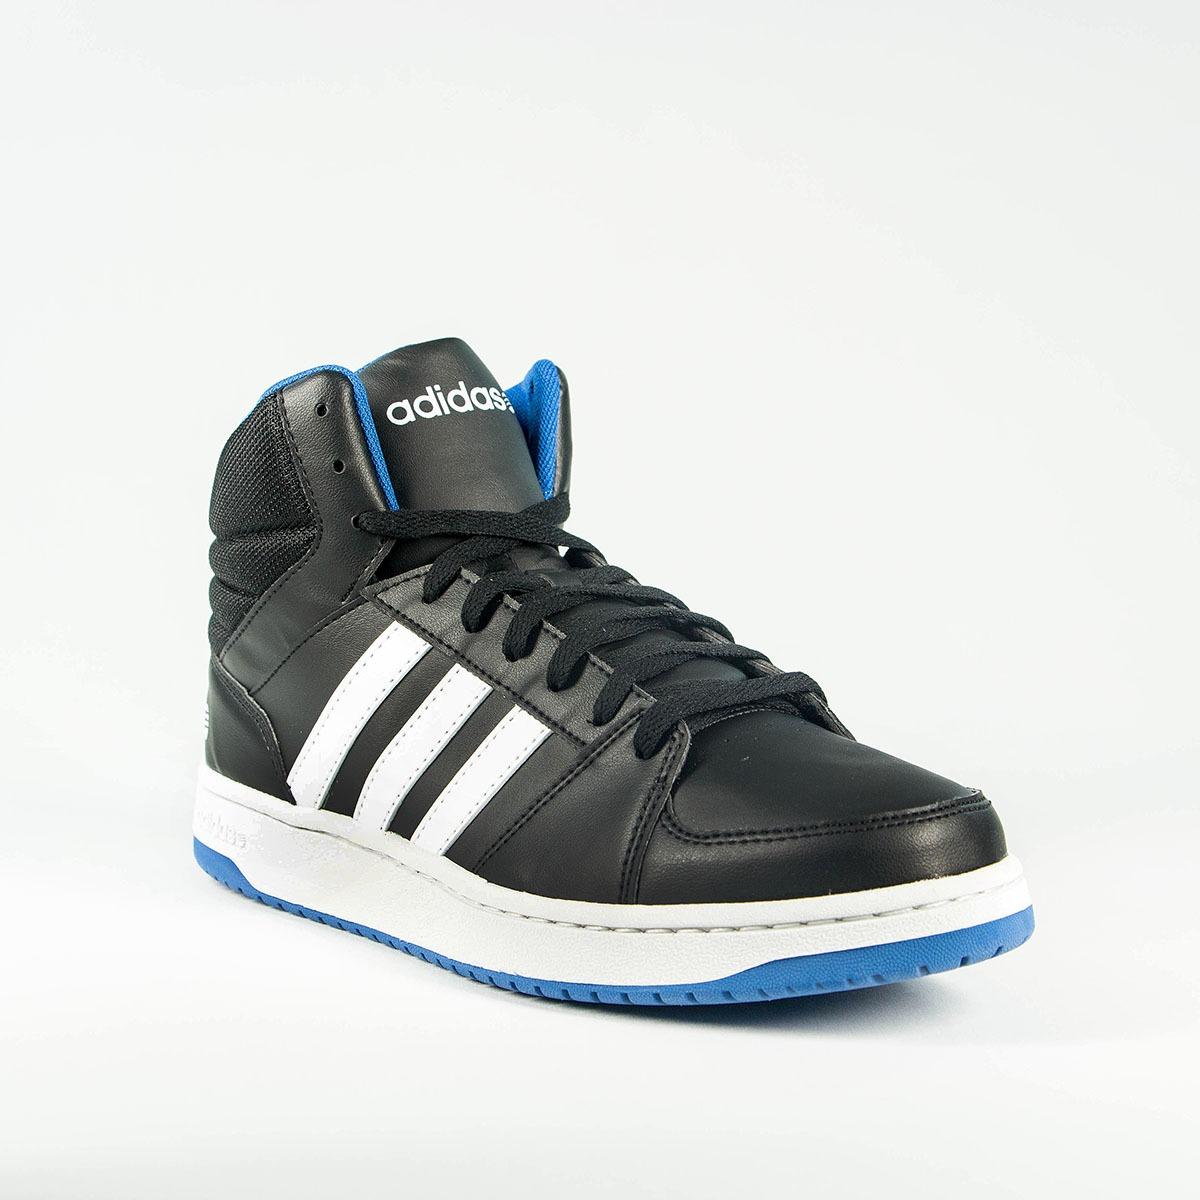 d07693d514442 ... store zapatillas adidas neo hoops vs mid hombre negro. cargando zoom.  0d8ec 59b65